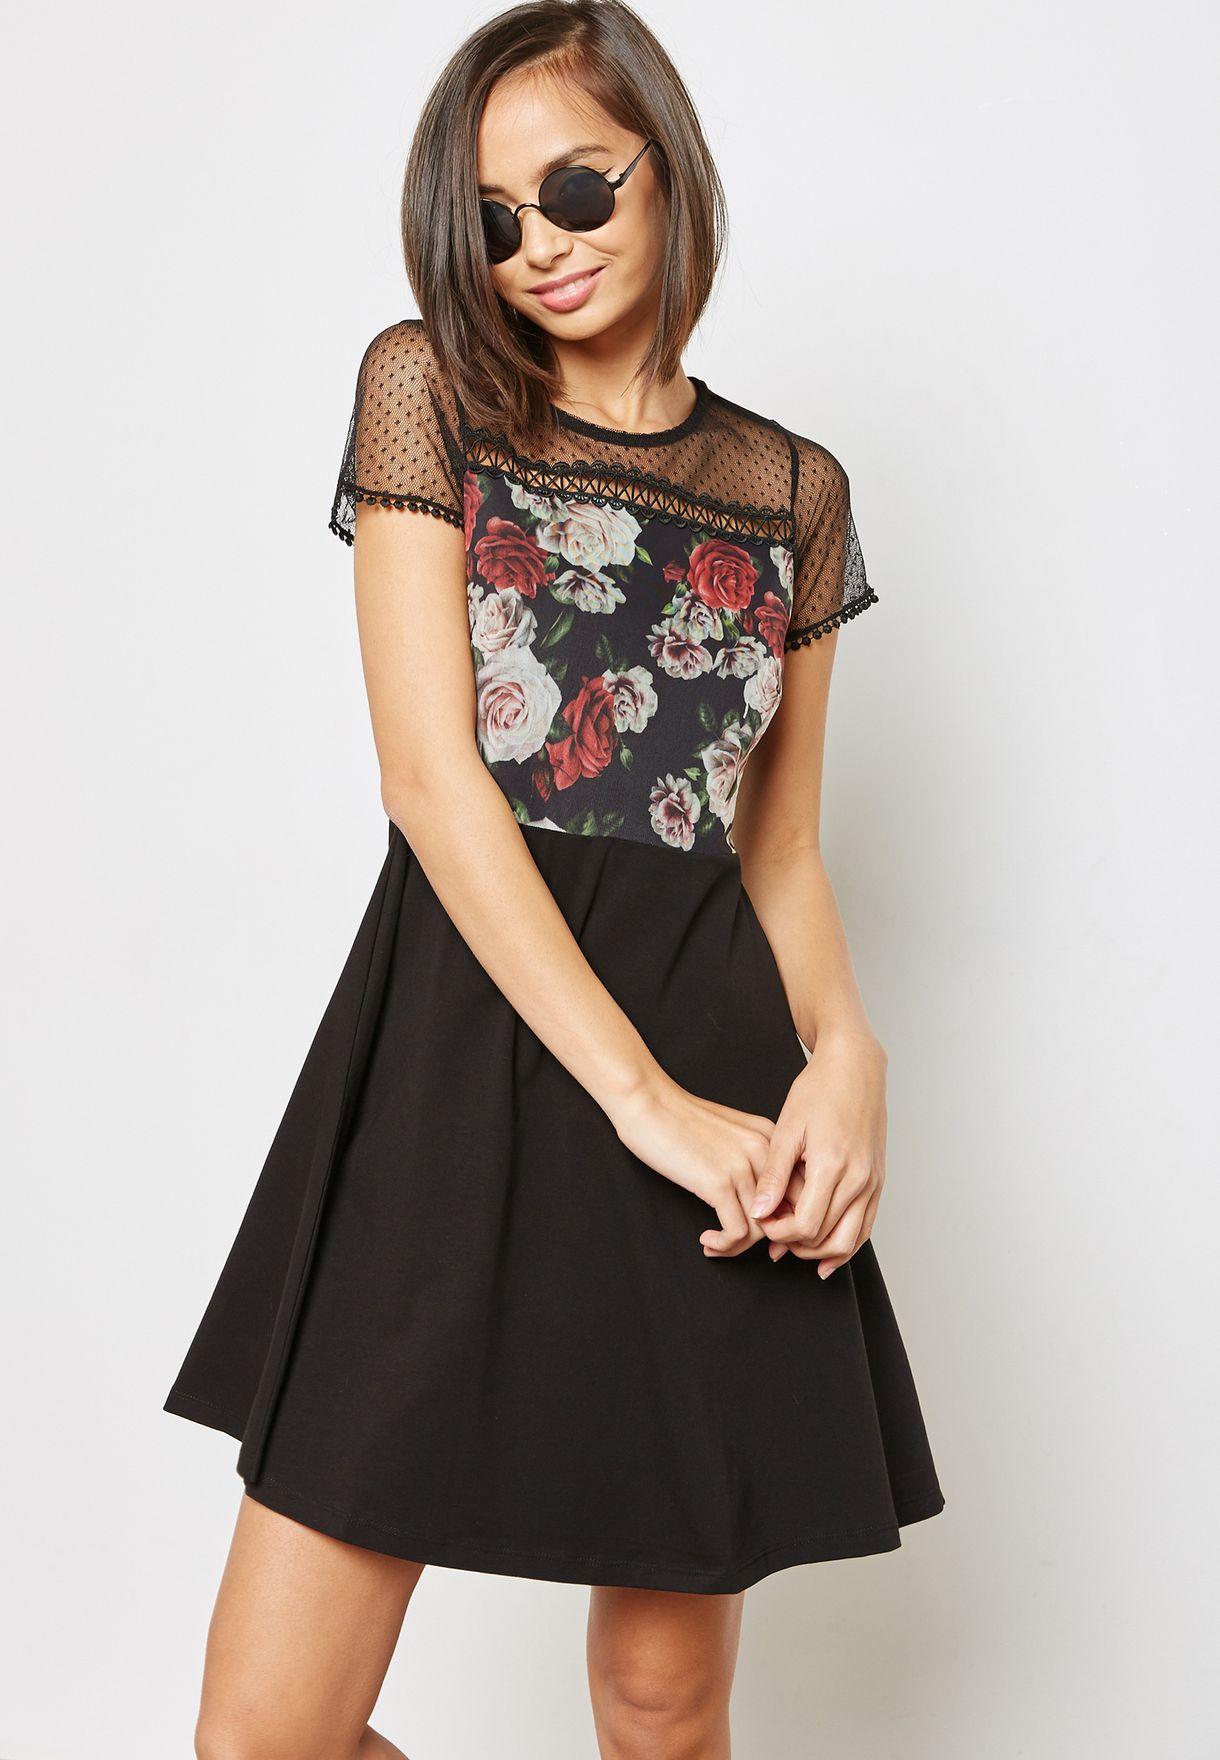 b6d8ea13a1 Shop Dorothy Perkins Petite black Floral Print Mesh Skater Dress ...